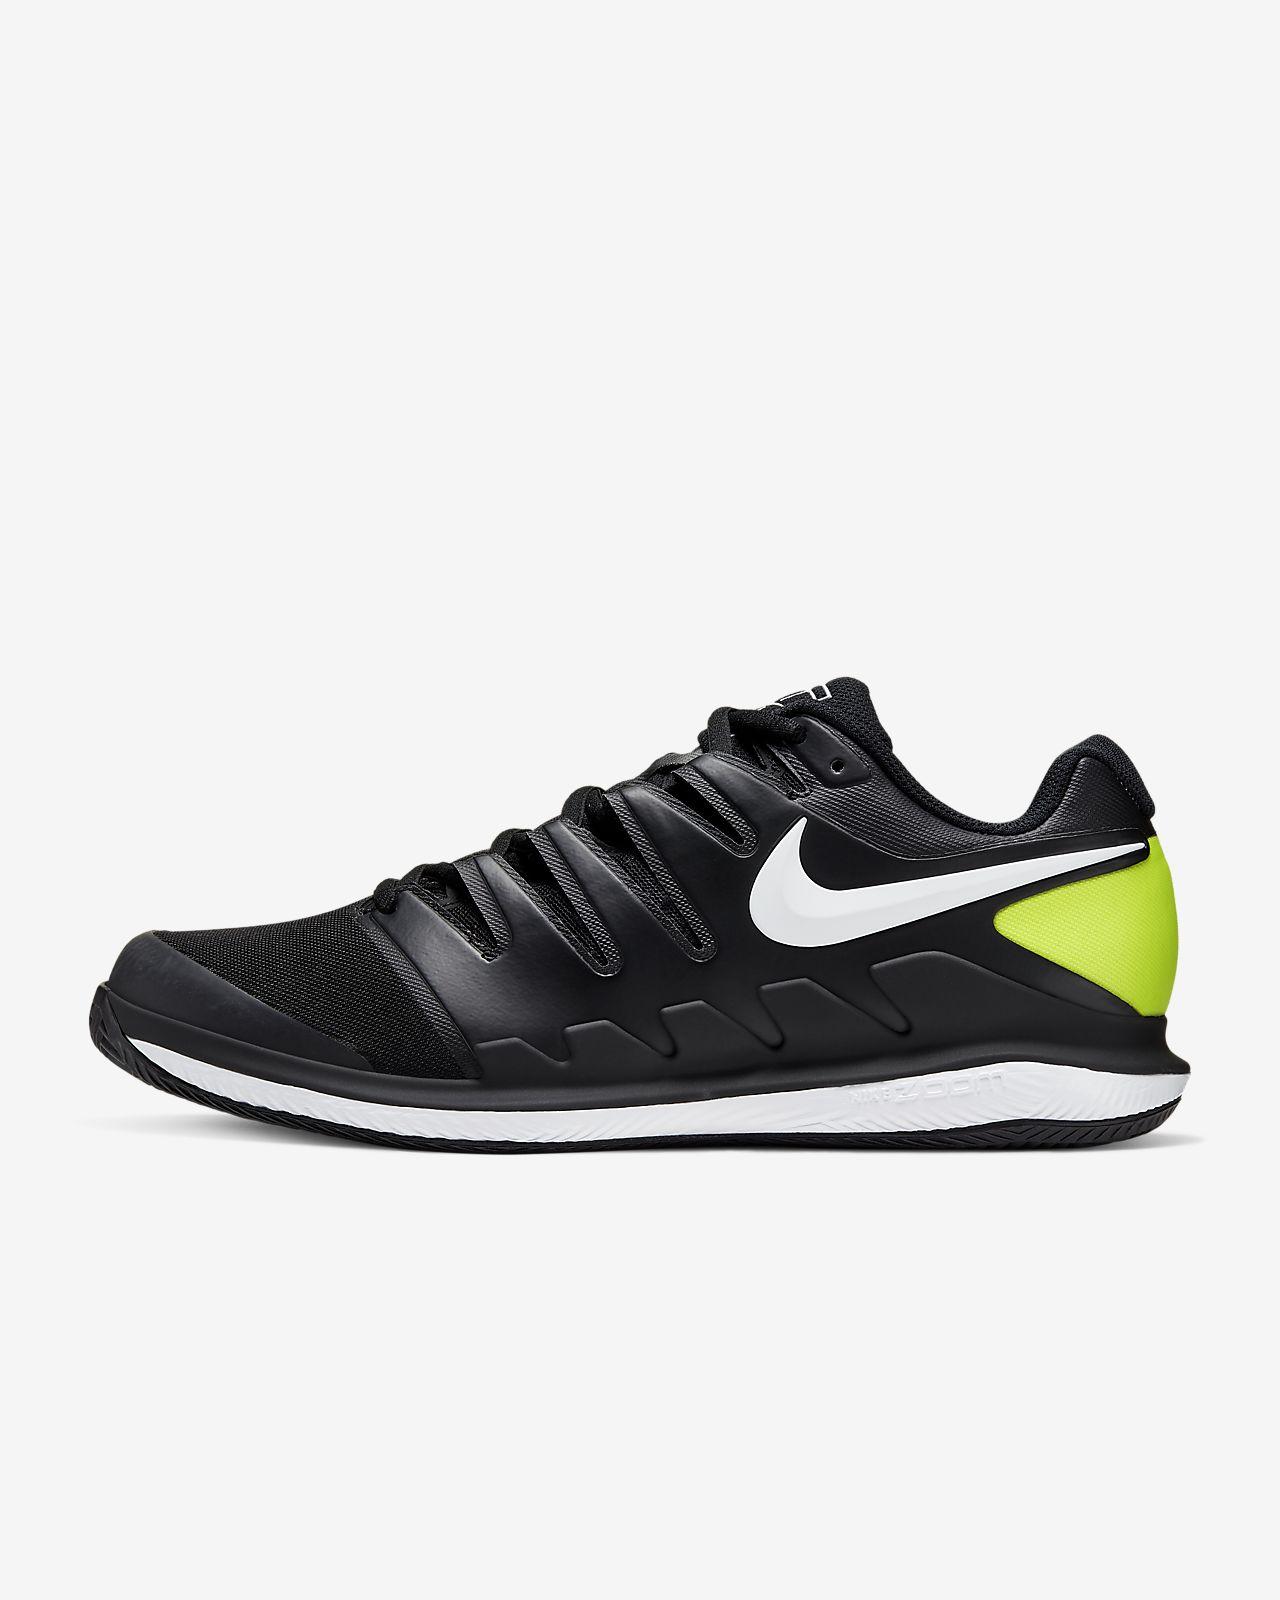 NikeCourt Air Zoom Vapor X Herren Tennisschuh für Sandplätze